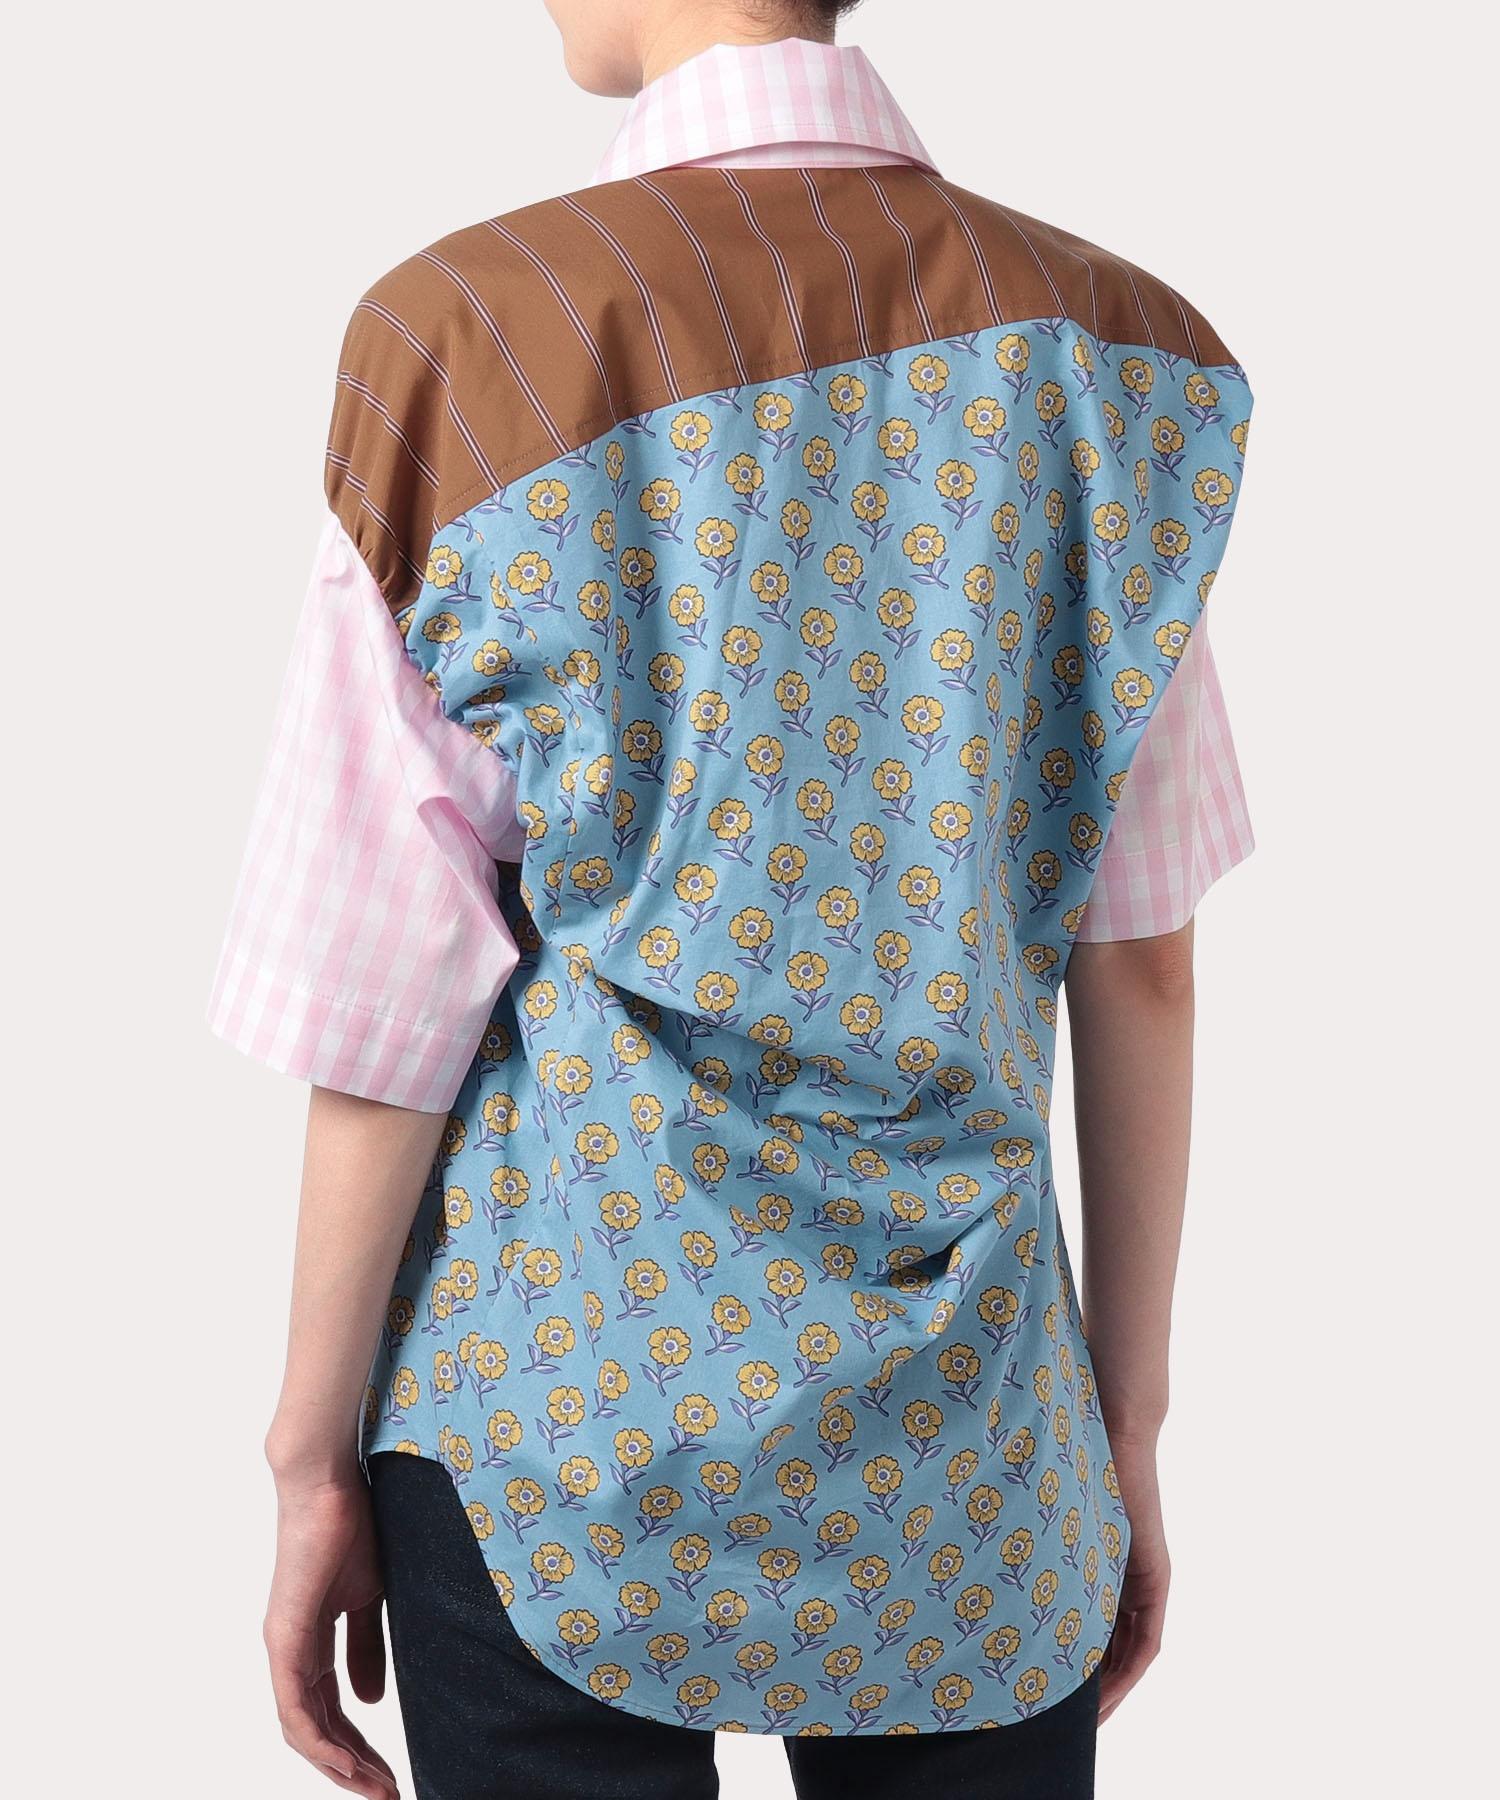 コットンフラワー ブロッキング アシンメトリーシャツ